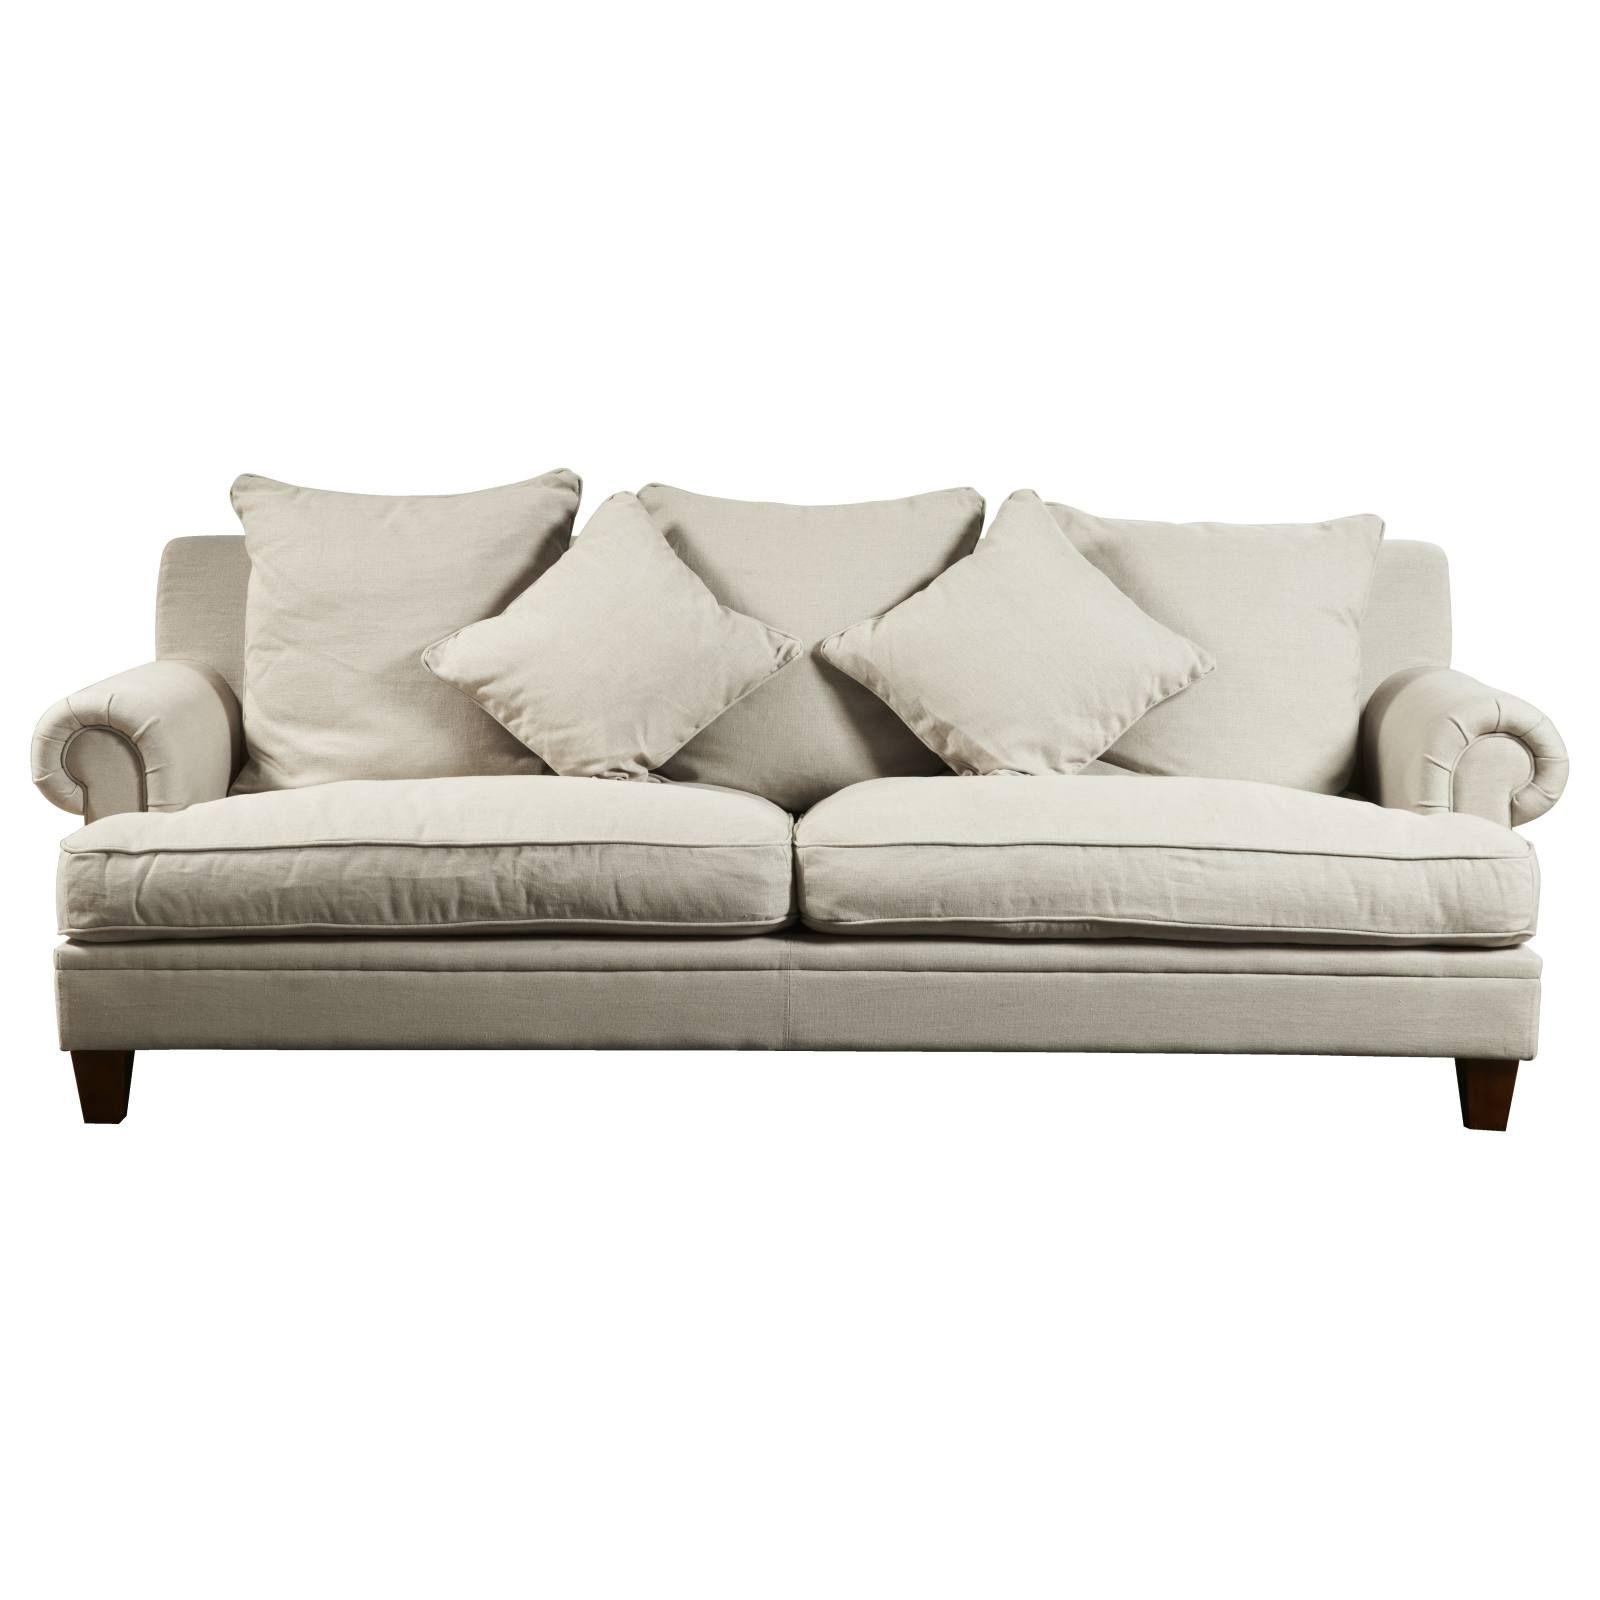 Laura 3 Seater Sofa Sofa 3 Seater Sofa Deep Seated Sofa